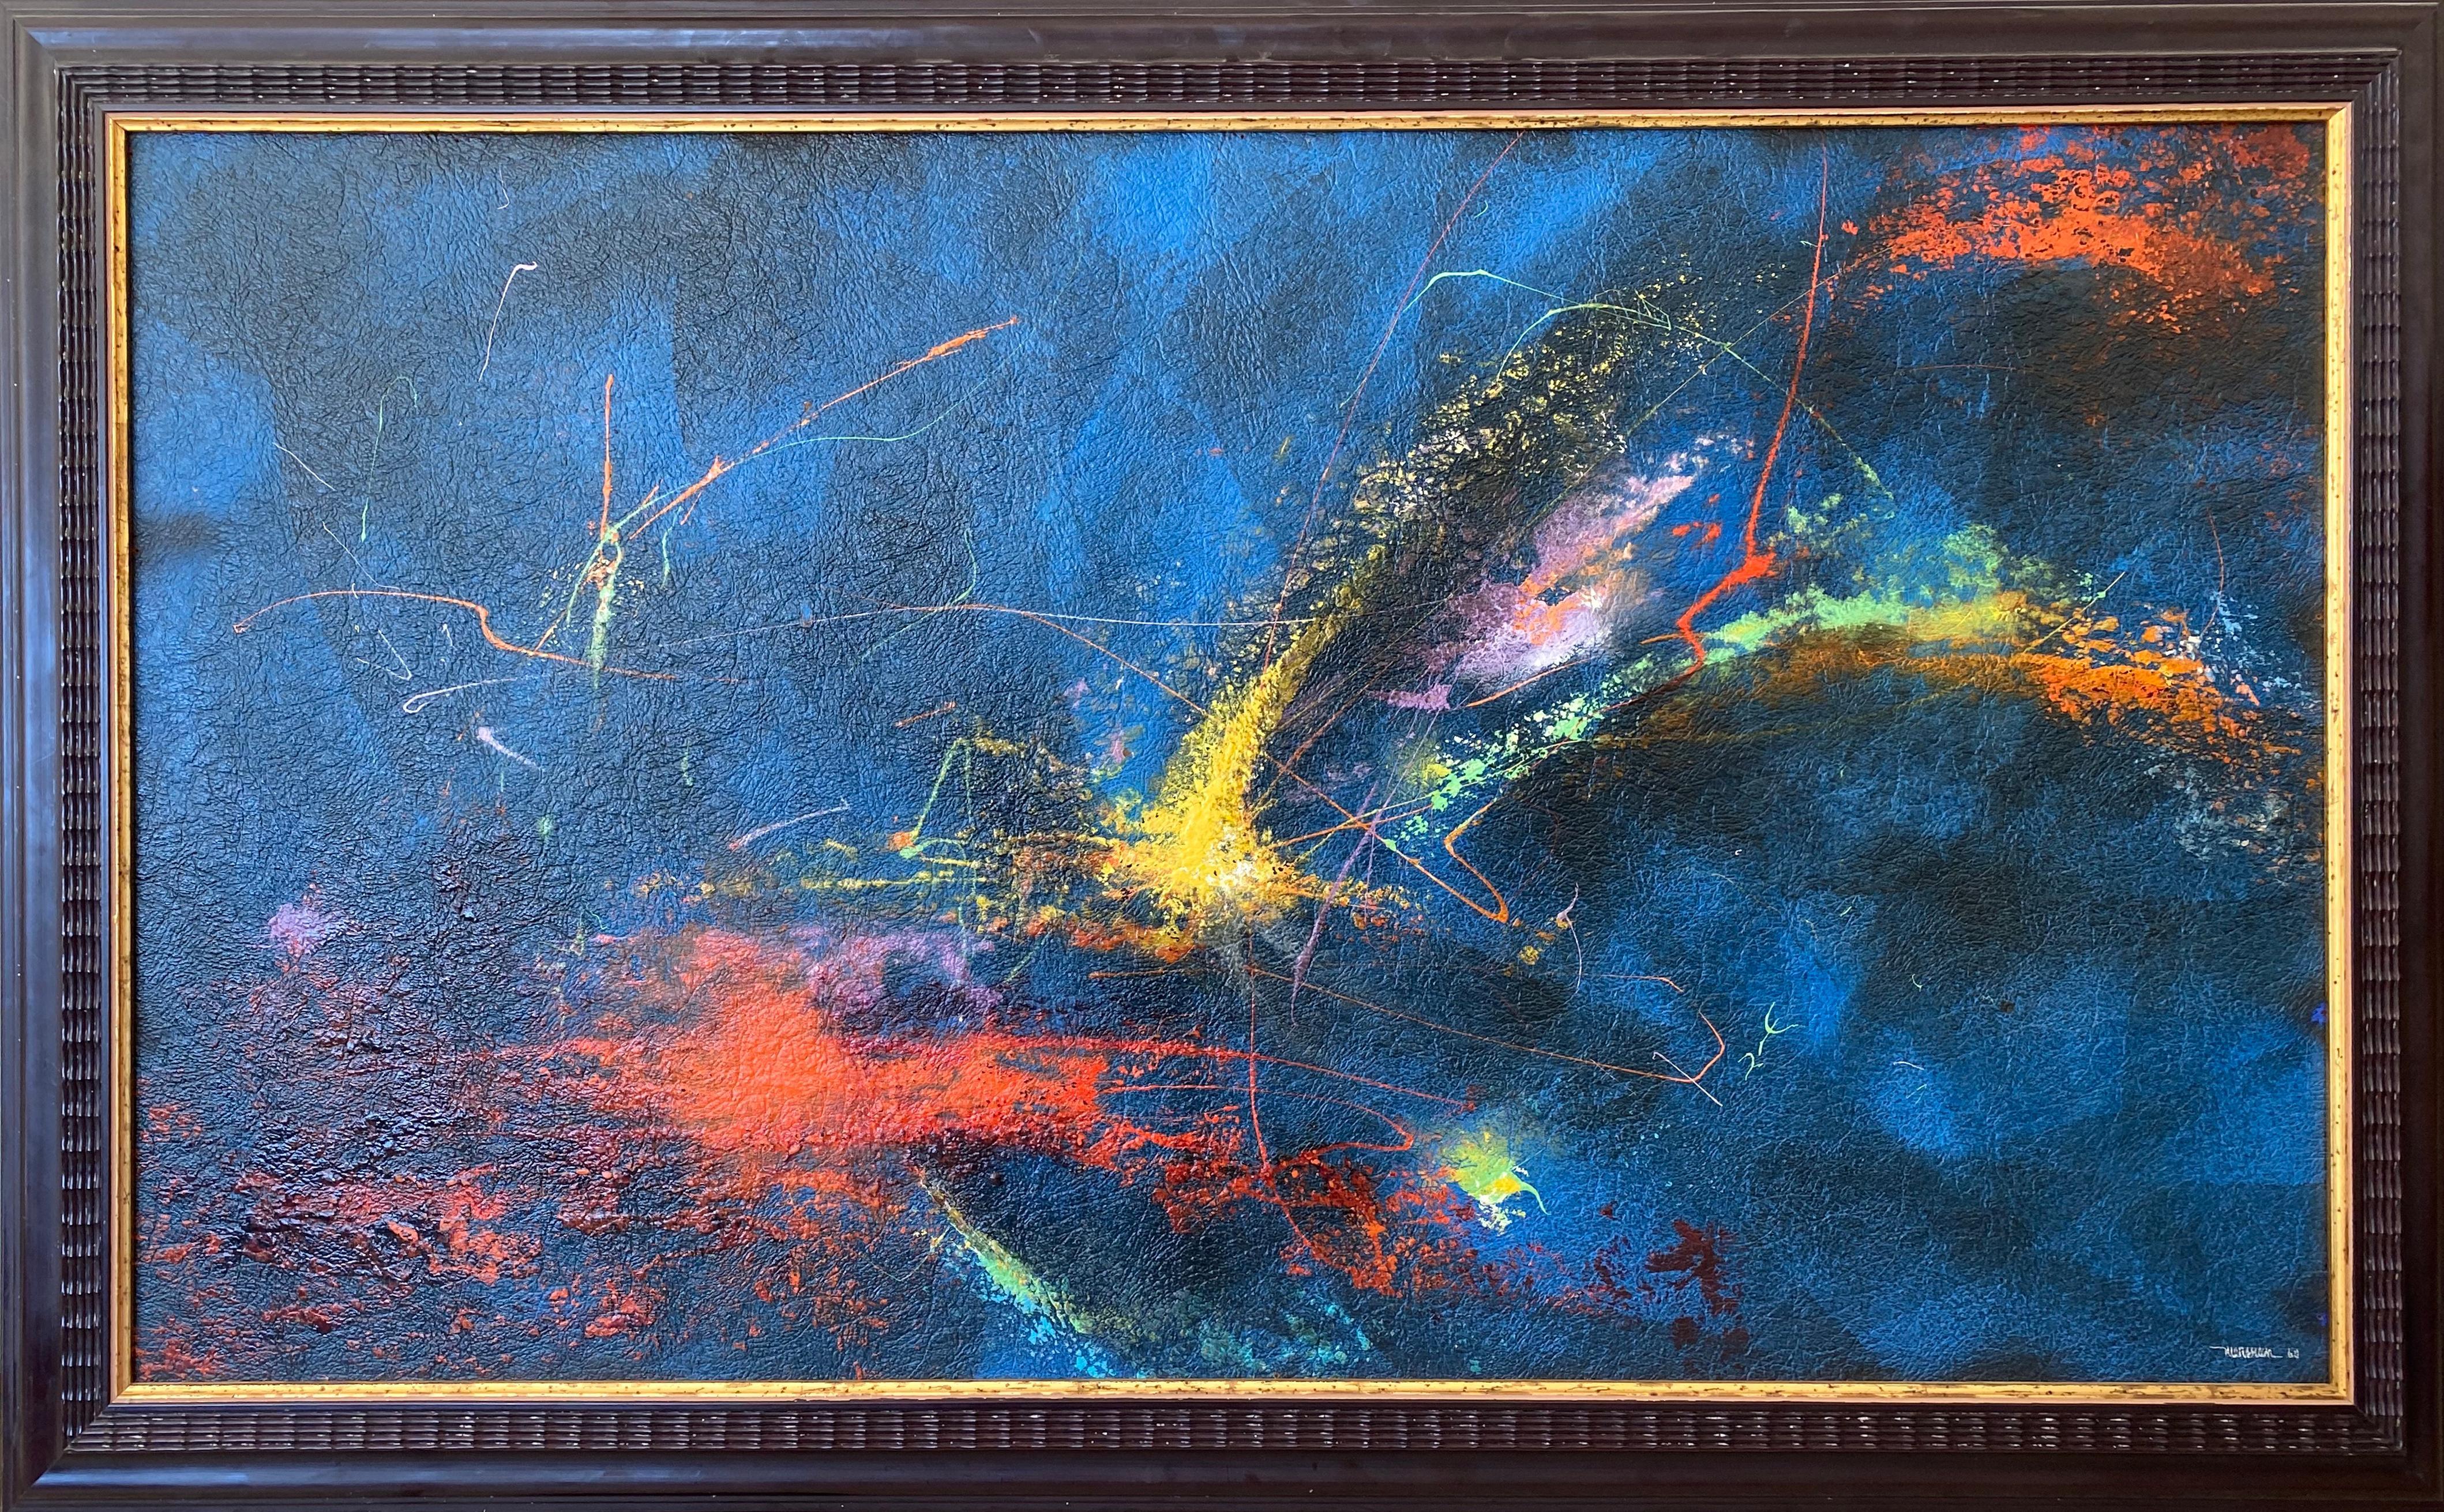 Systema Solar, Abstract Painting by Leonardo Nierman